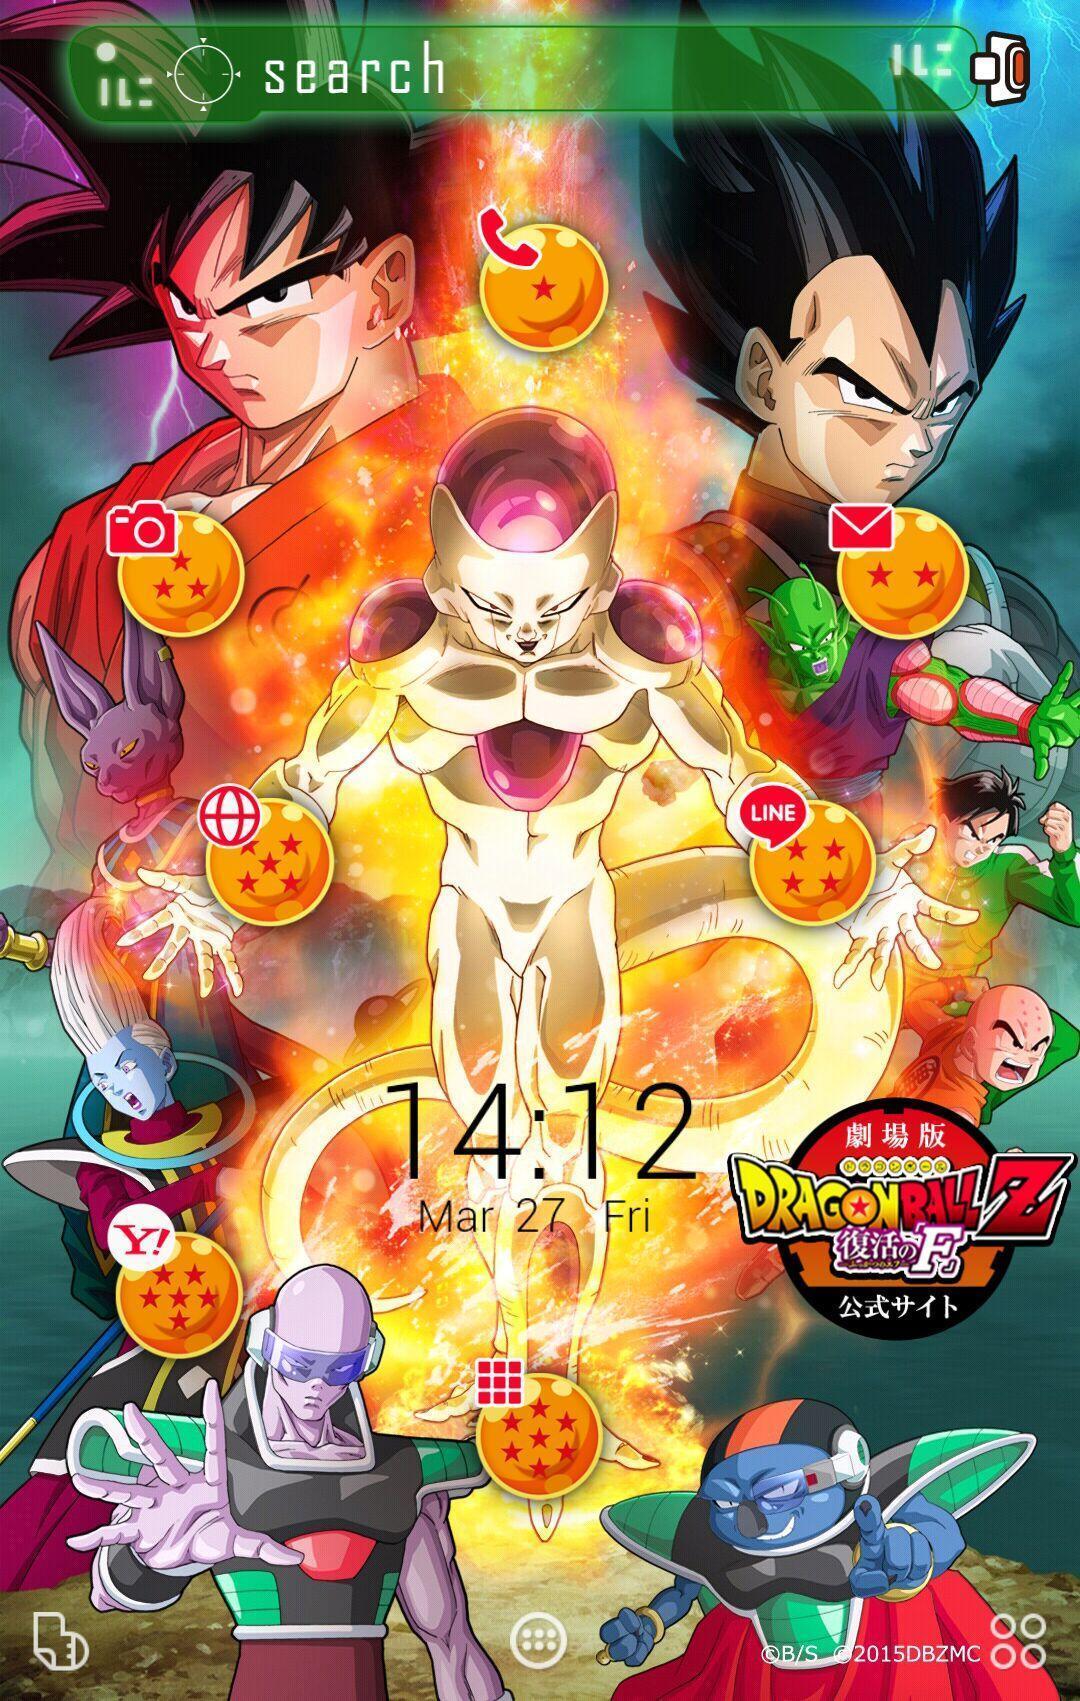 Android 用の ドラゴンボールz 復活の F キャラクター壁紙きせかえ Apk をダウンロード